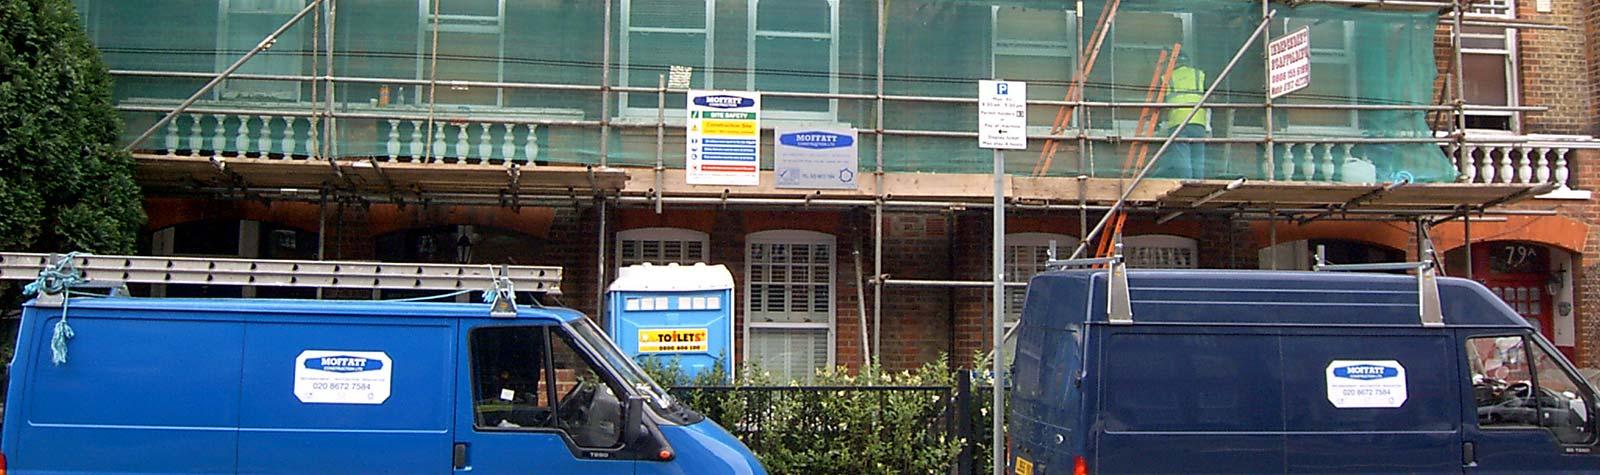 Moffatt construction banner